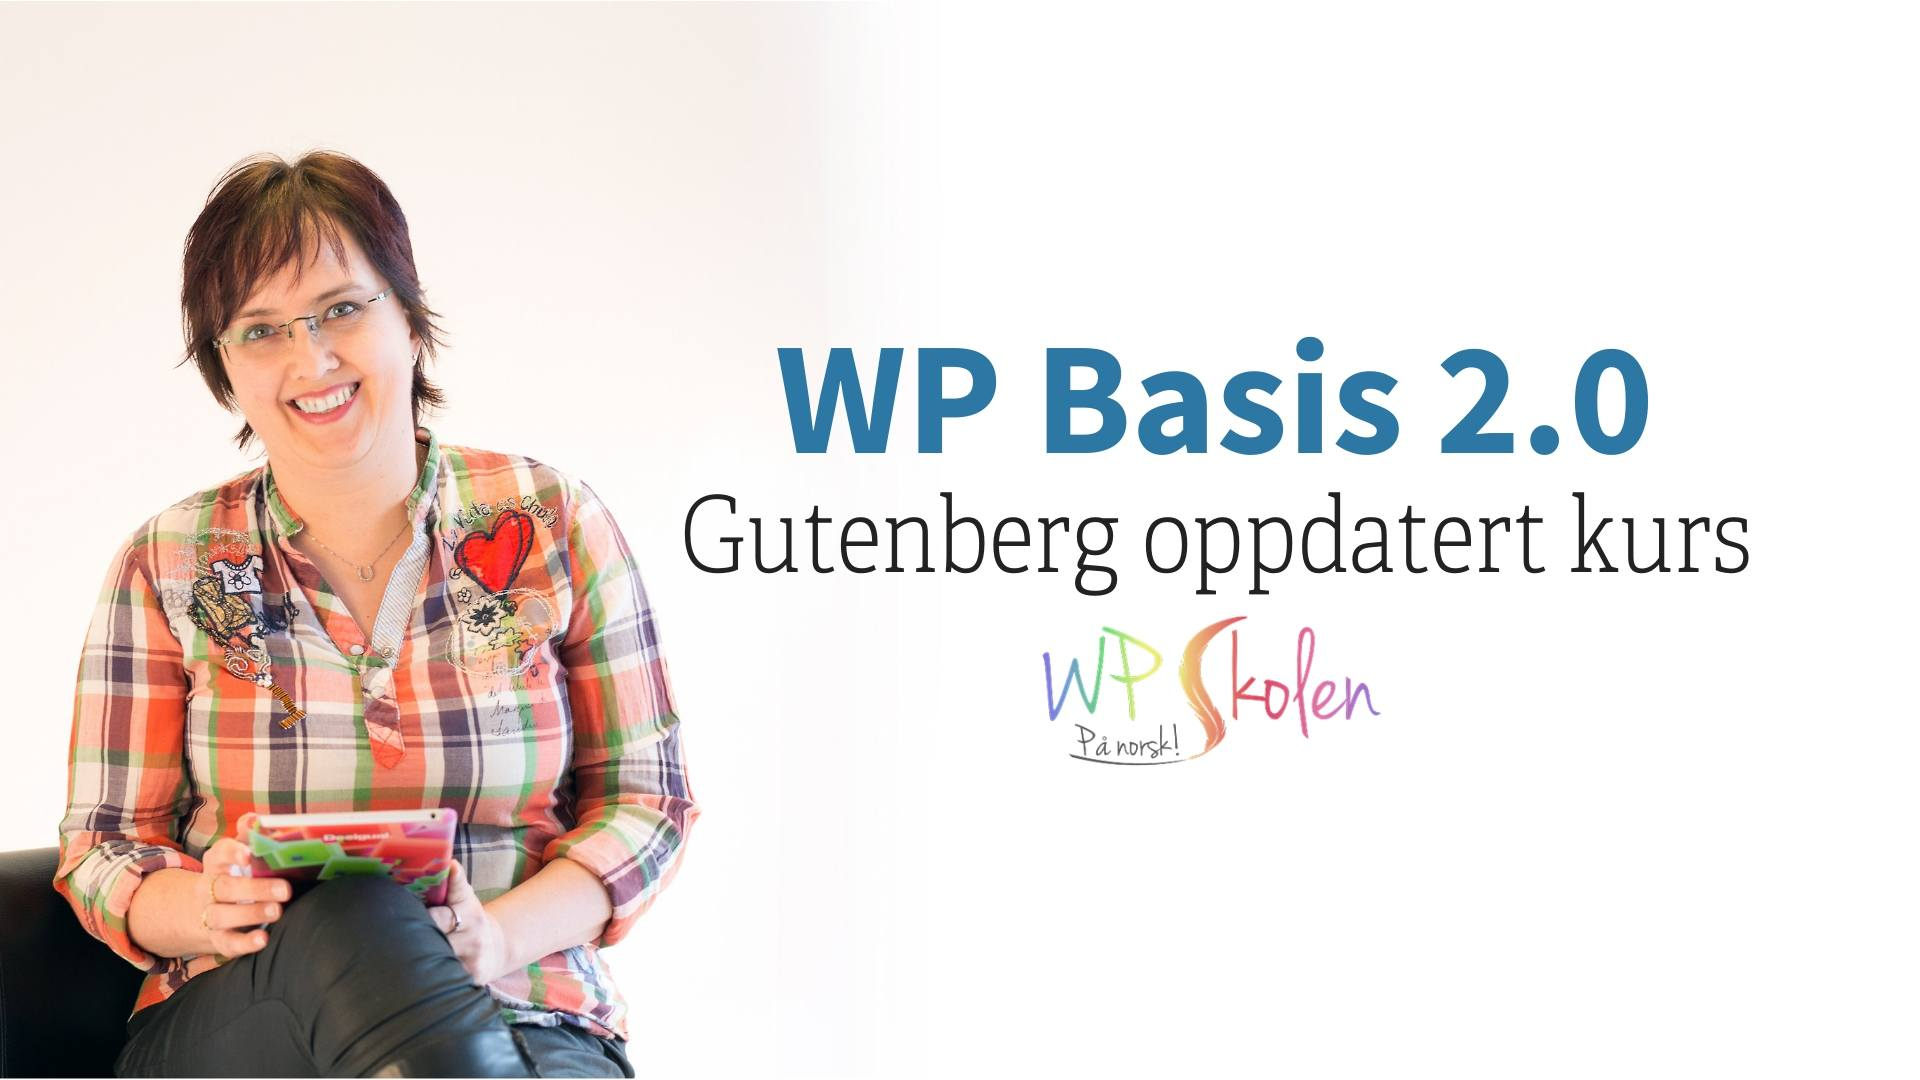 WP Basis 2.0